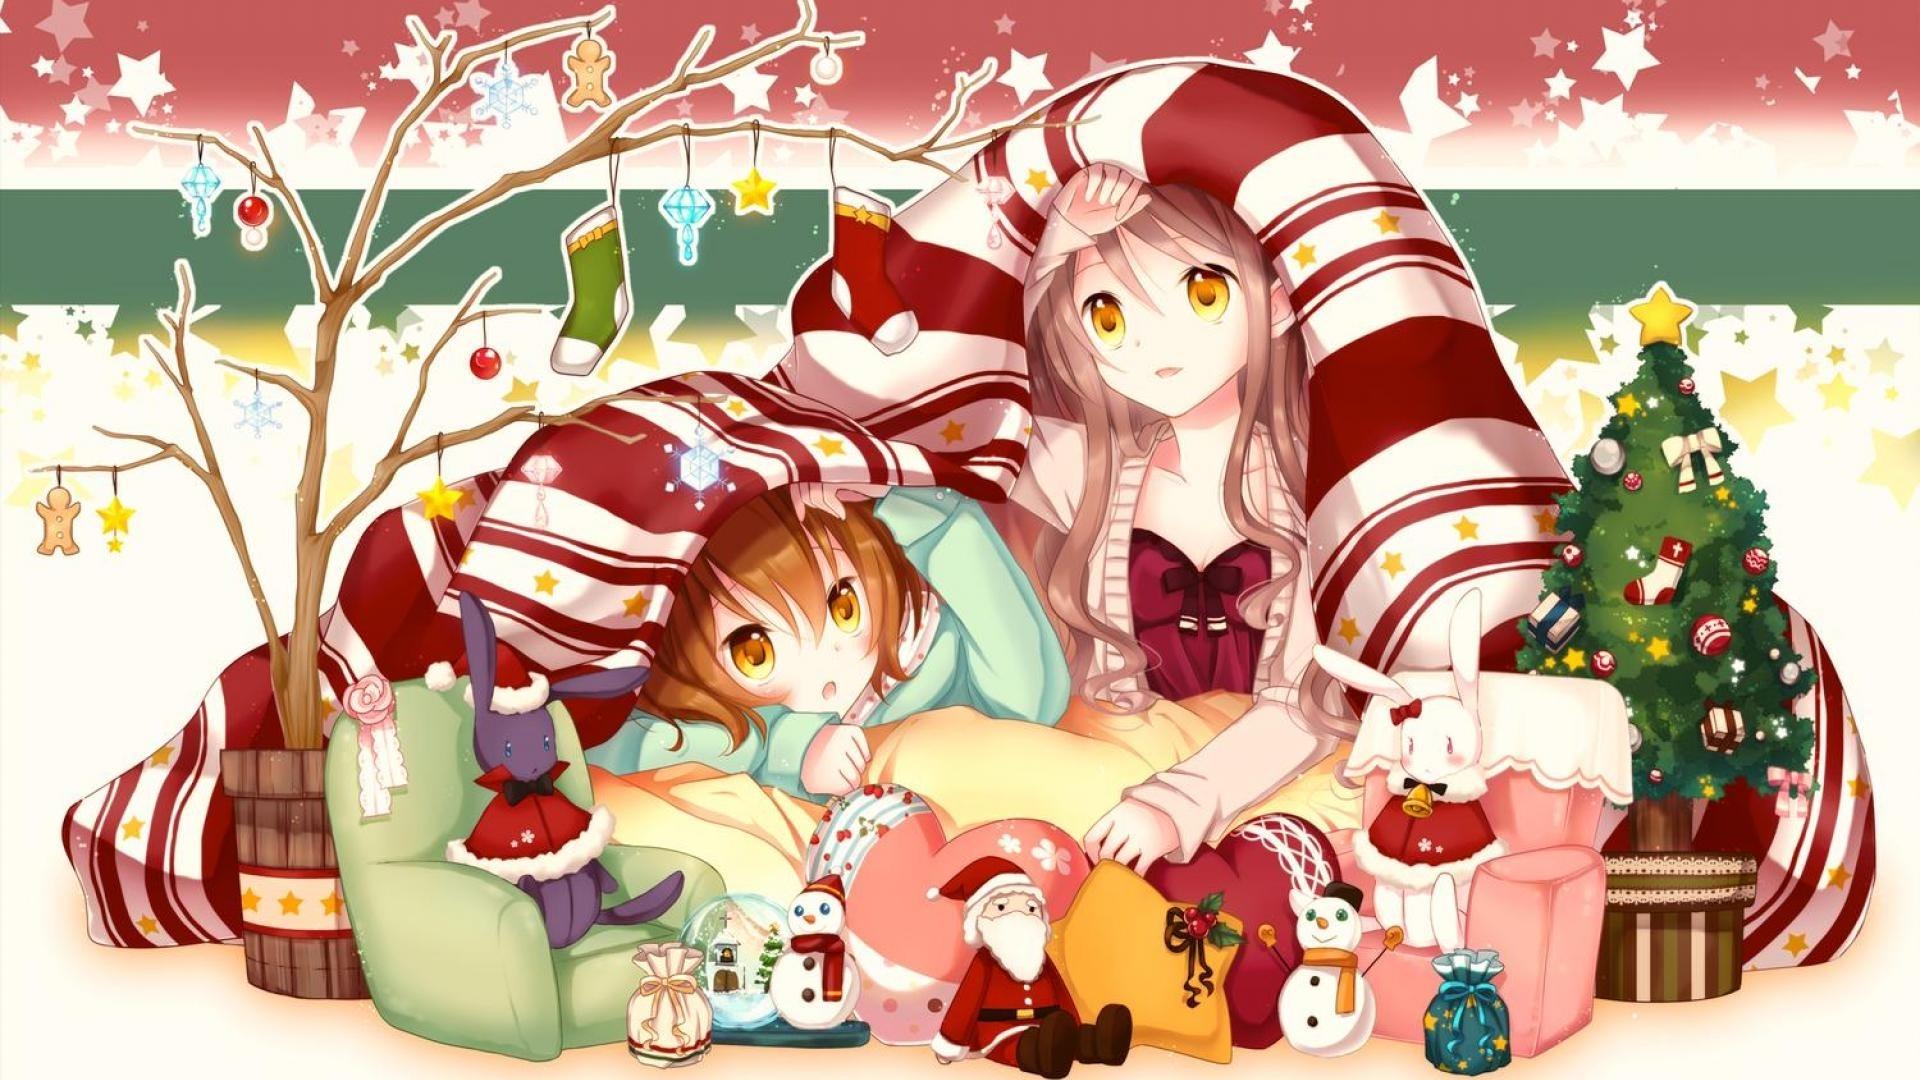 Christmas Anime Girl Image